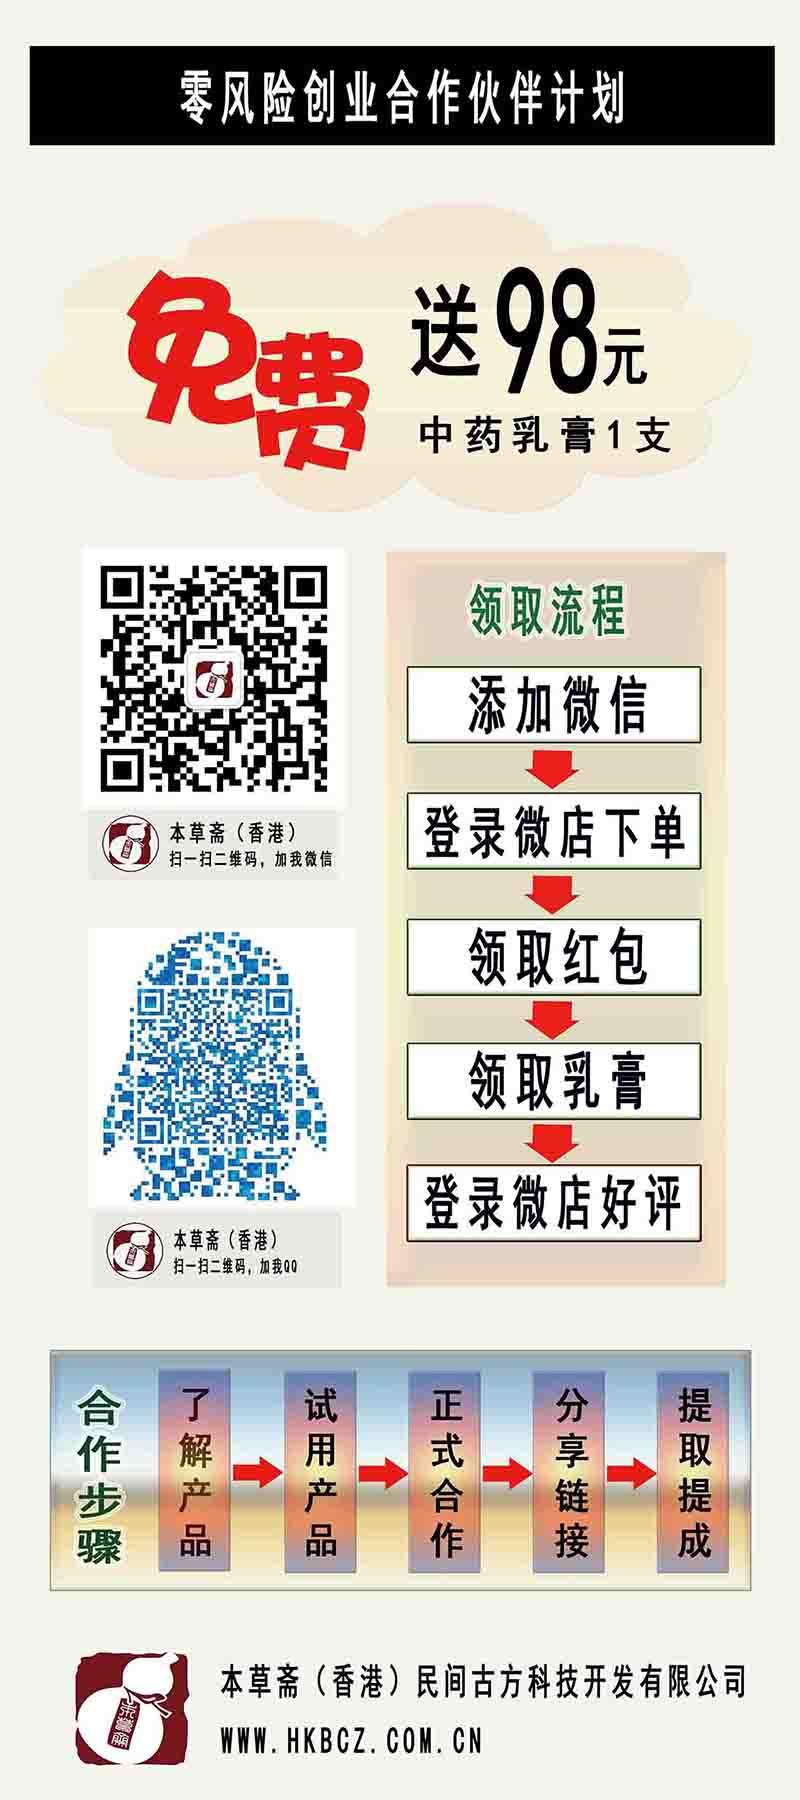 鬼臼王草本乳膏(鬼臼王®)零风险创业合作伙伴计划